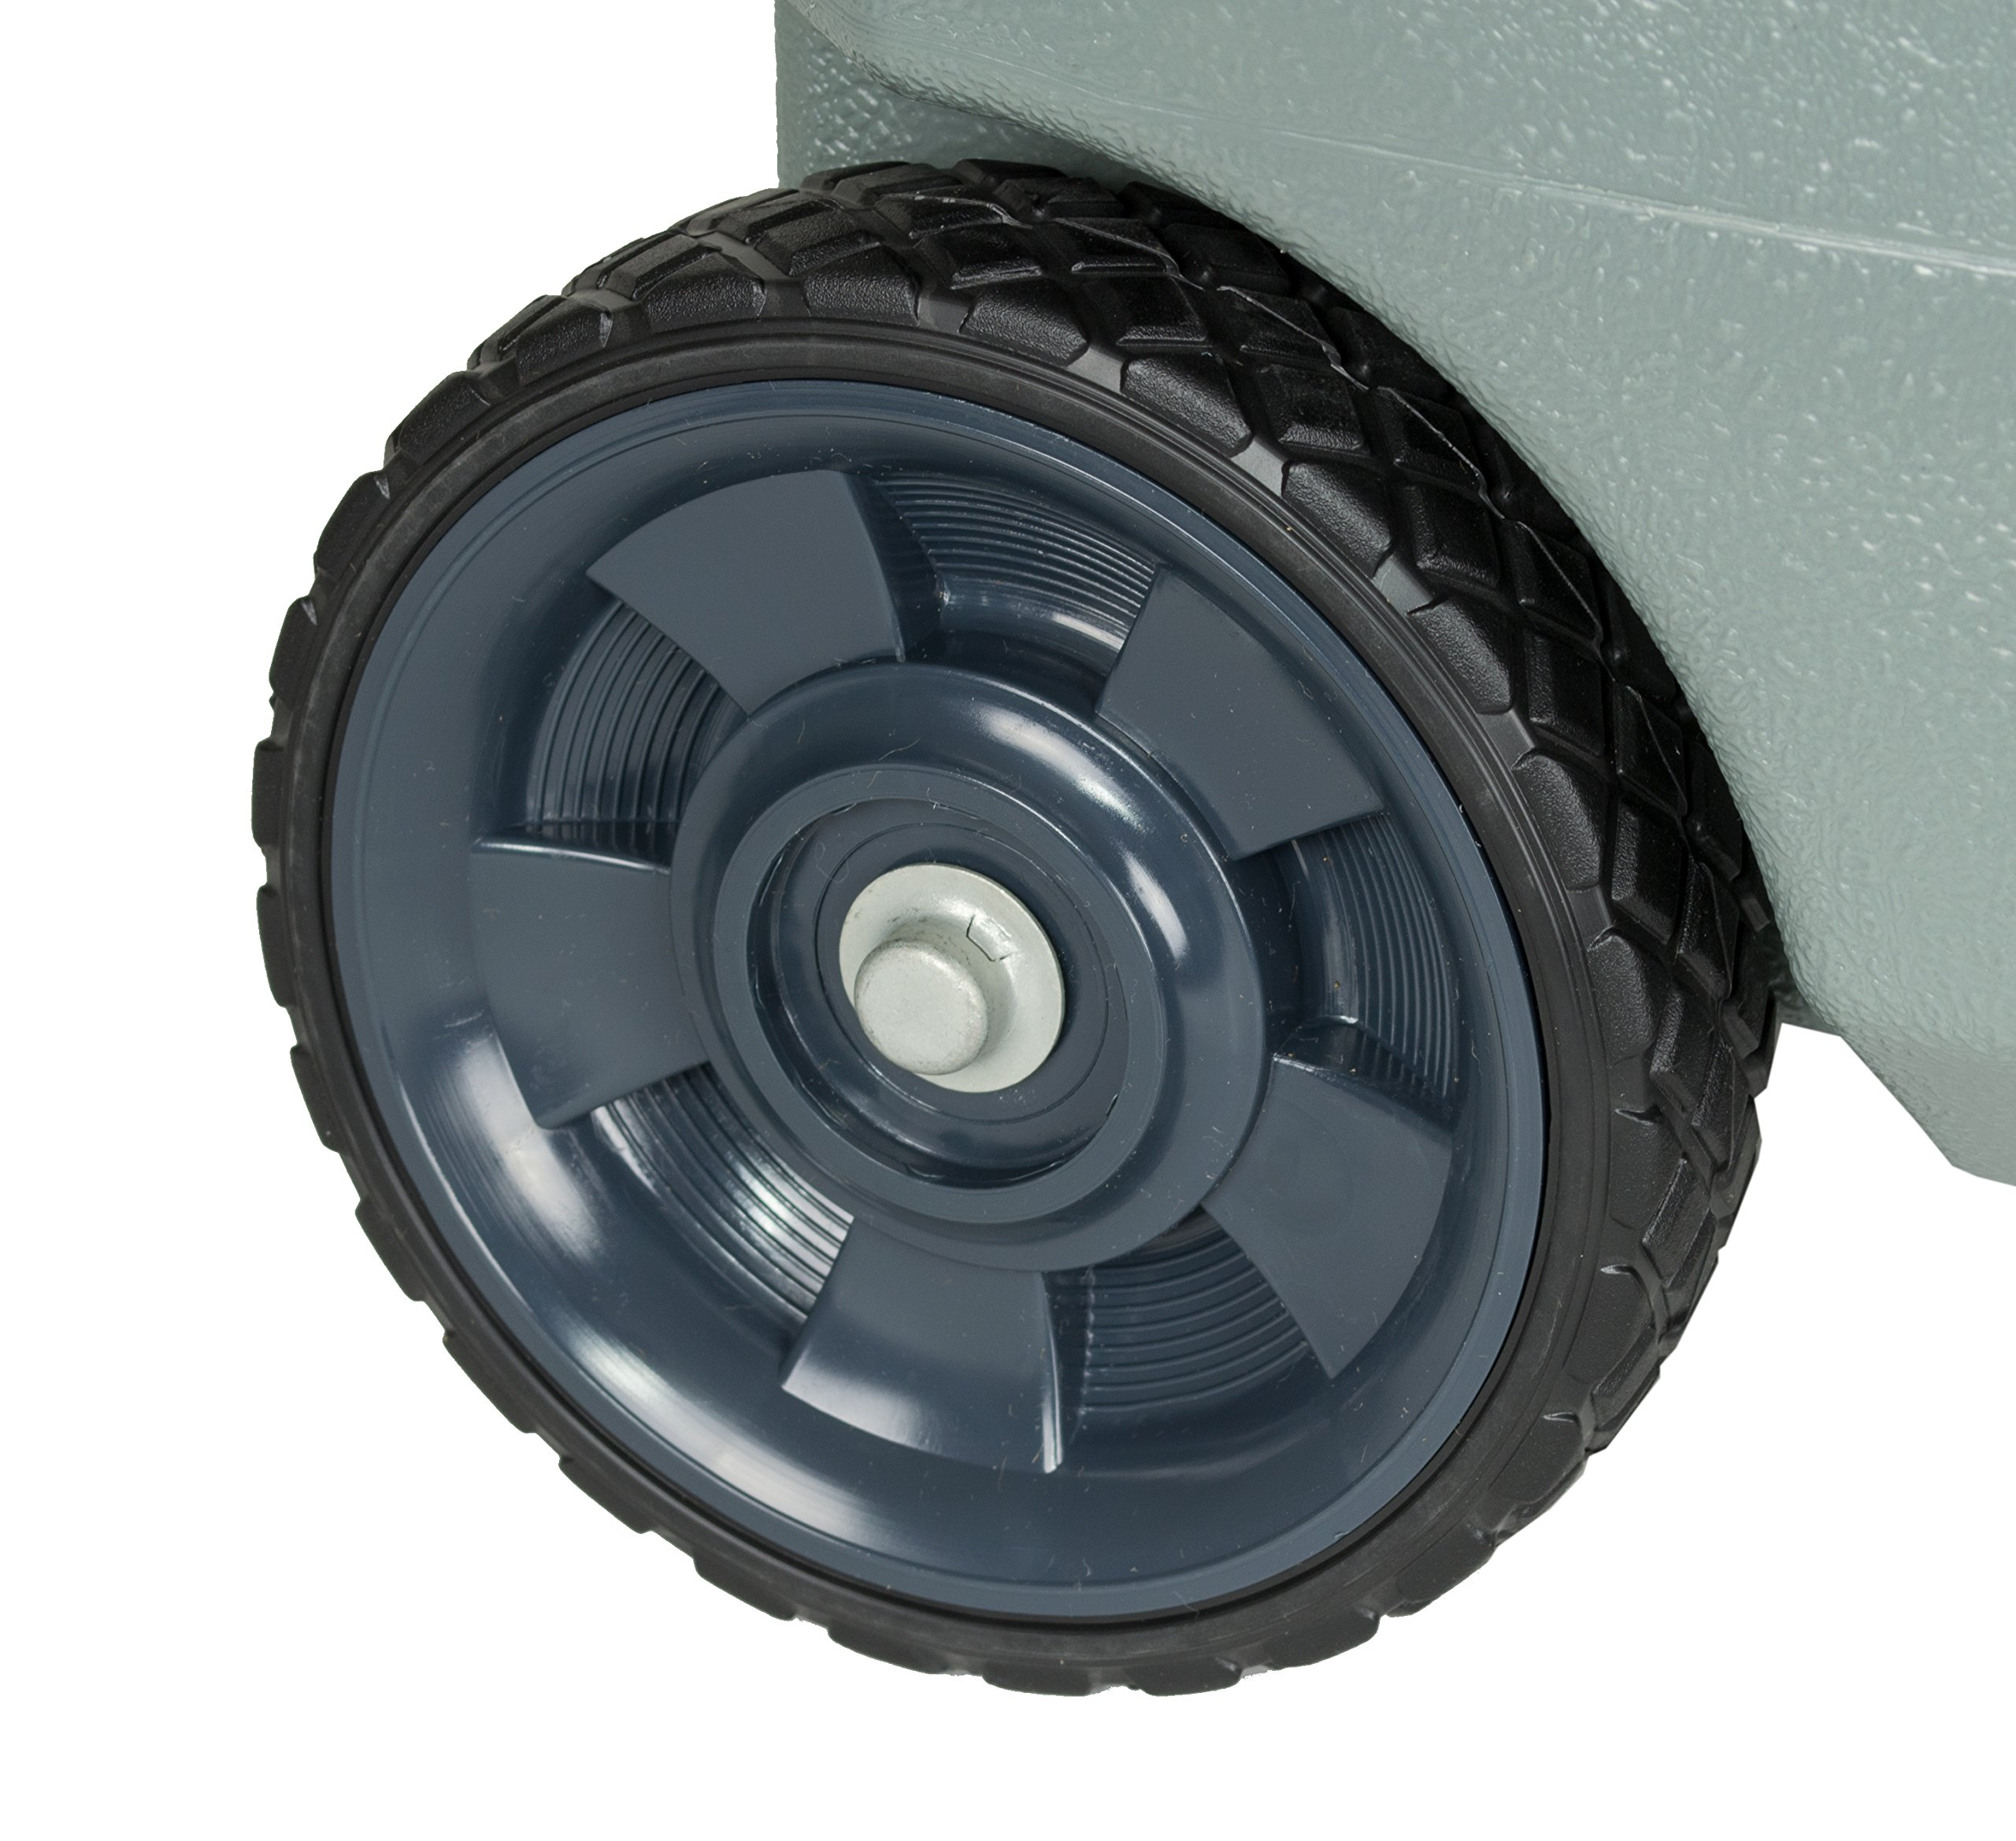 SmartTote2 RV Portable Waste Tote Tank - 2 Wheels - 35 Gallon -Thetford 40503 by SmartTote 2 (Image #4)